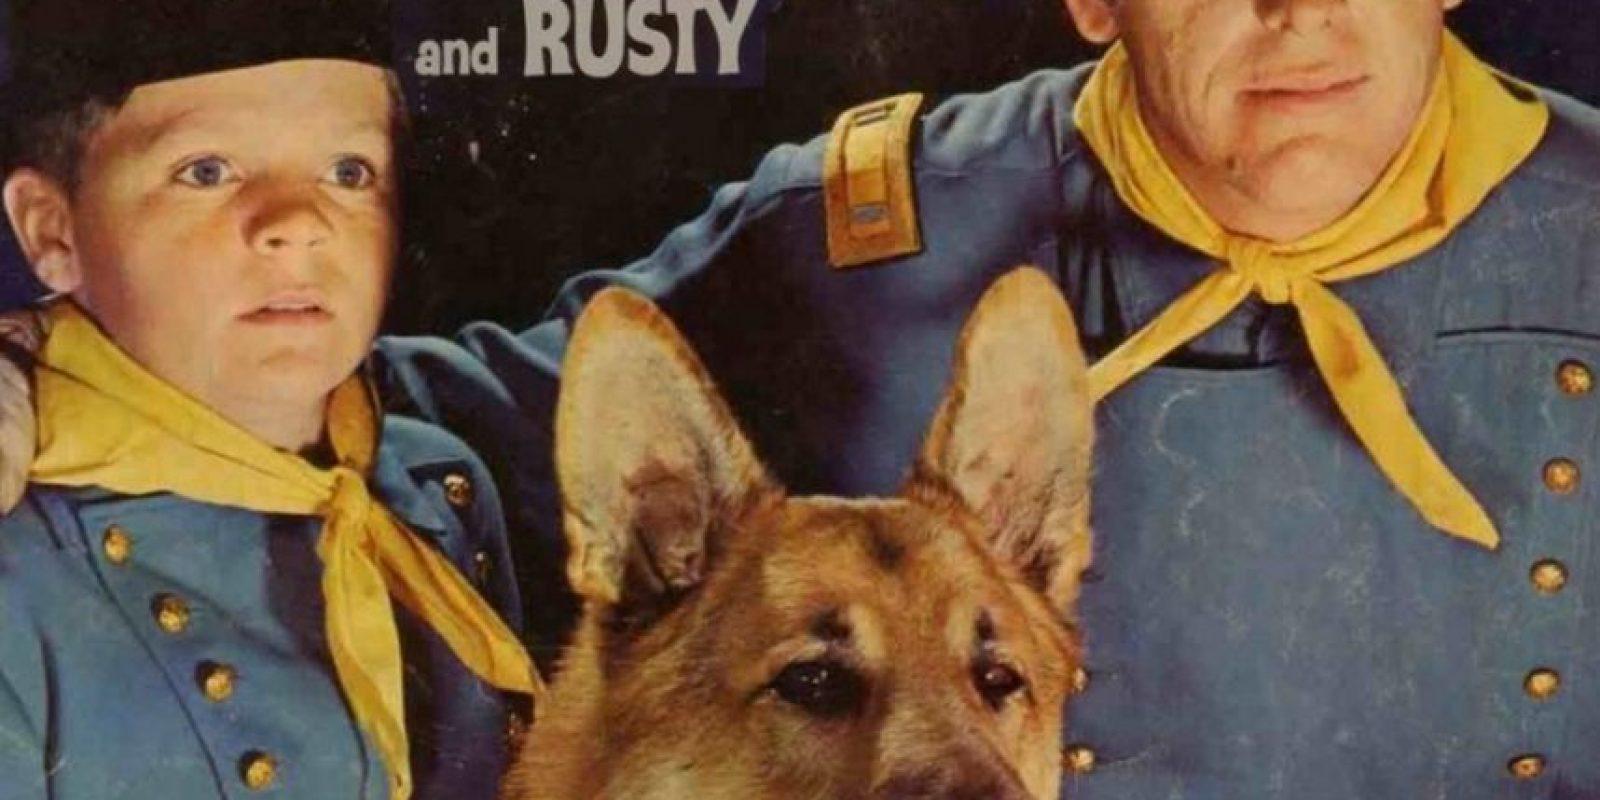 Las aventuras de Rin Tin Tin. El famoso perro ovejero tiene una estrella en el Paseo de la Fama de Hollywood Foto:Tumbrl